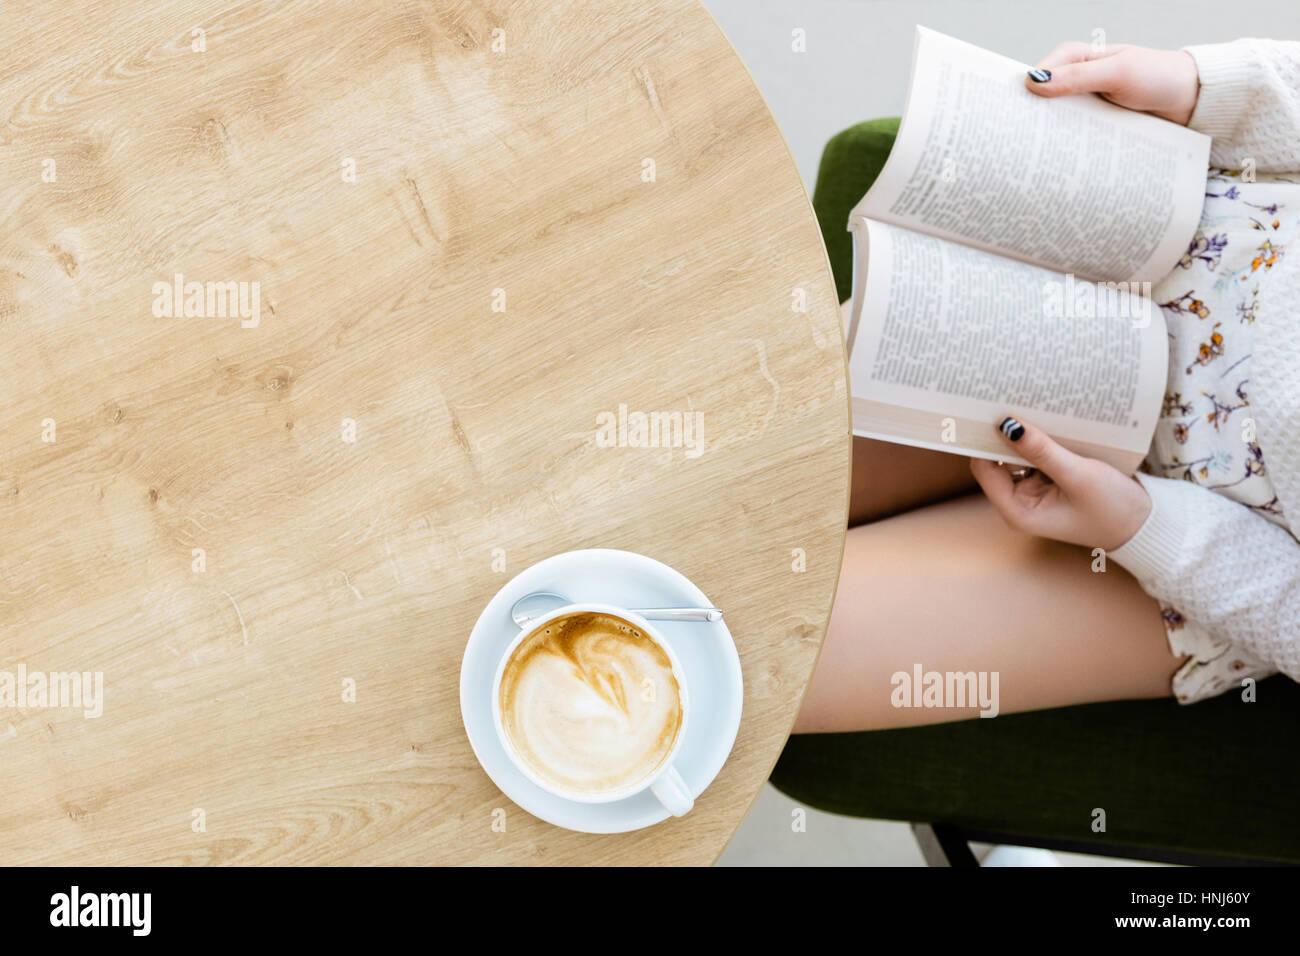 Les jambes de la jeune fille, livre, tasse de café sur la table Photo Stock